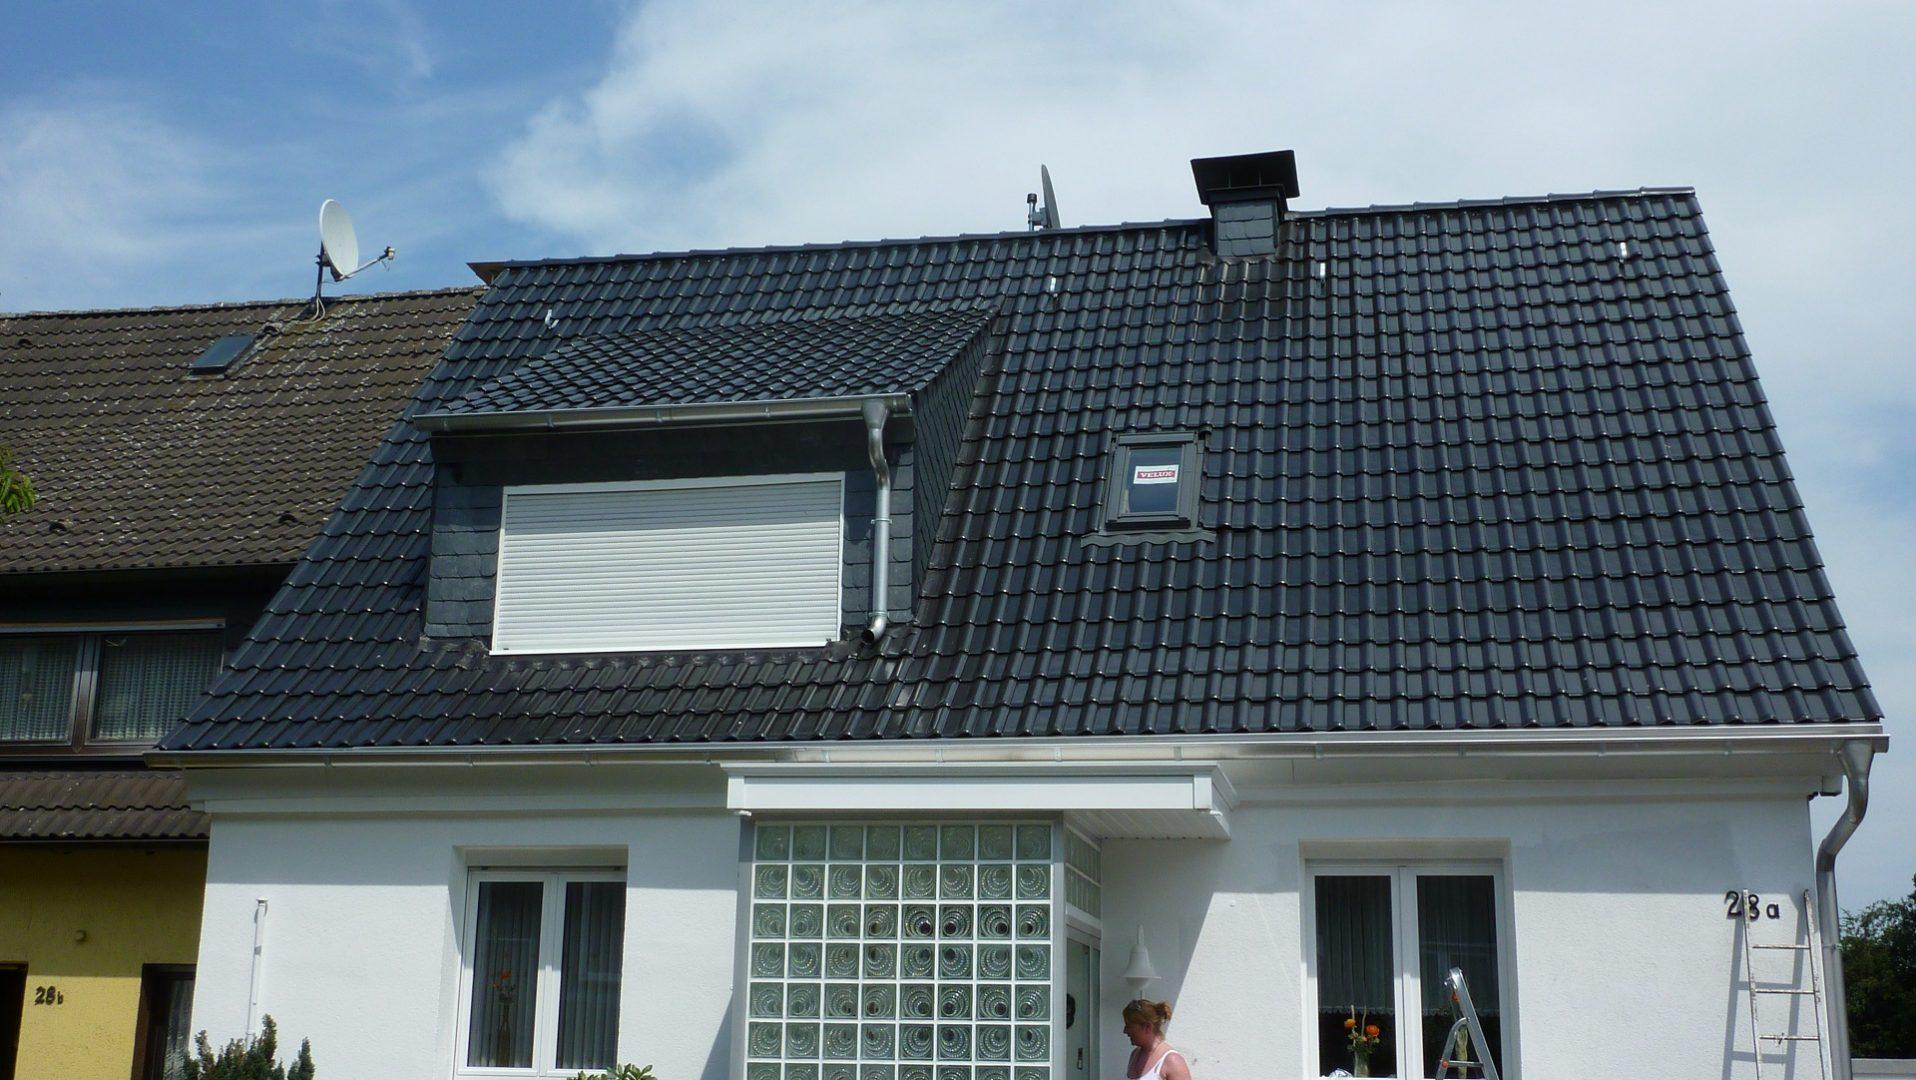 Dächer bei Dachtechnik Winkel in Bochum